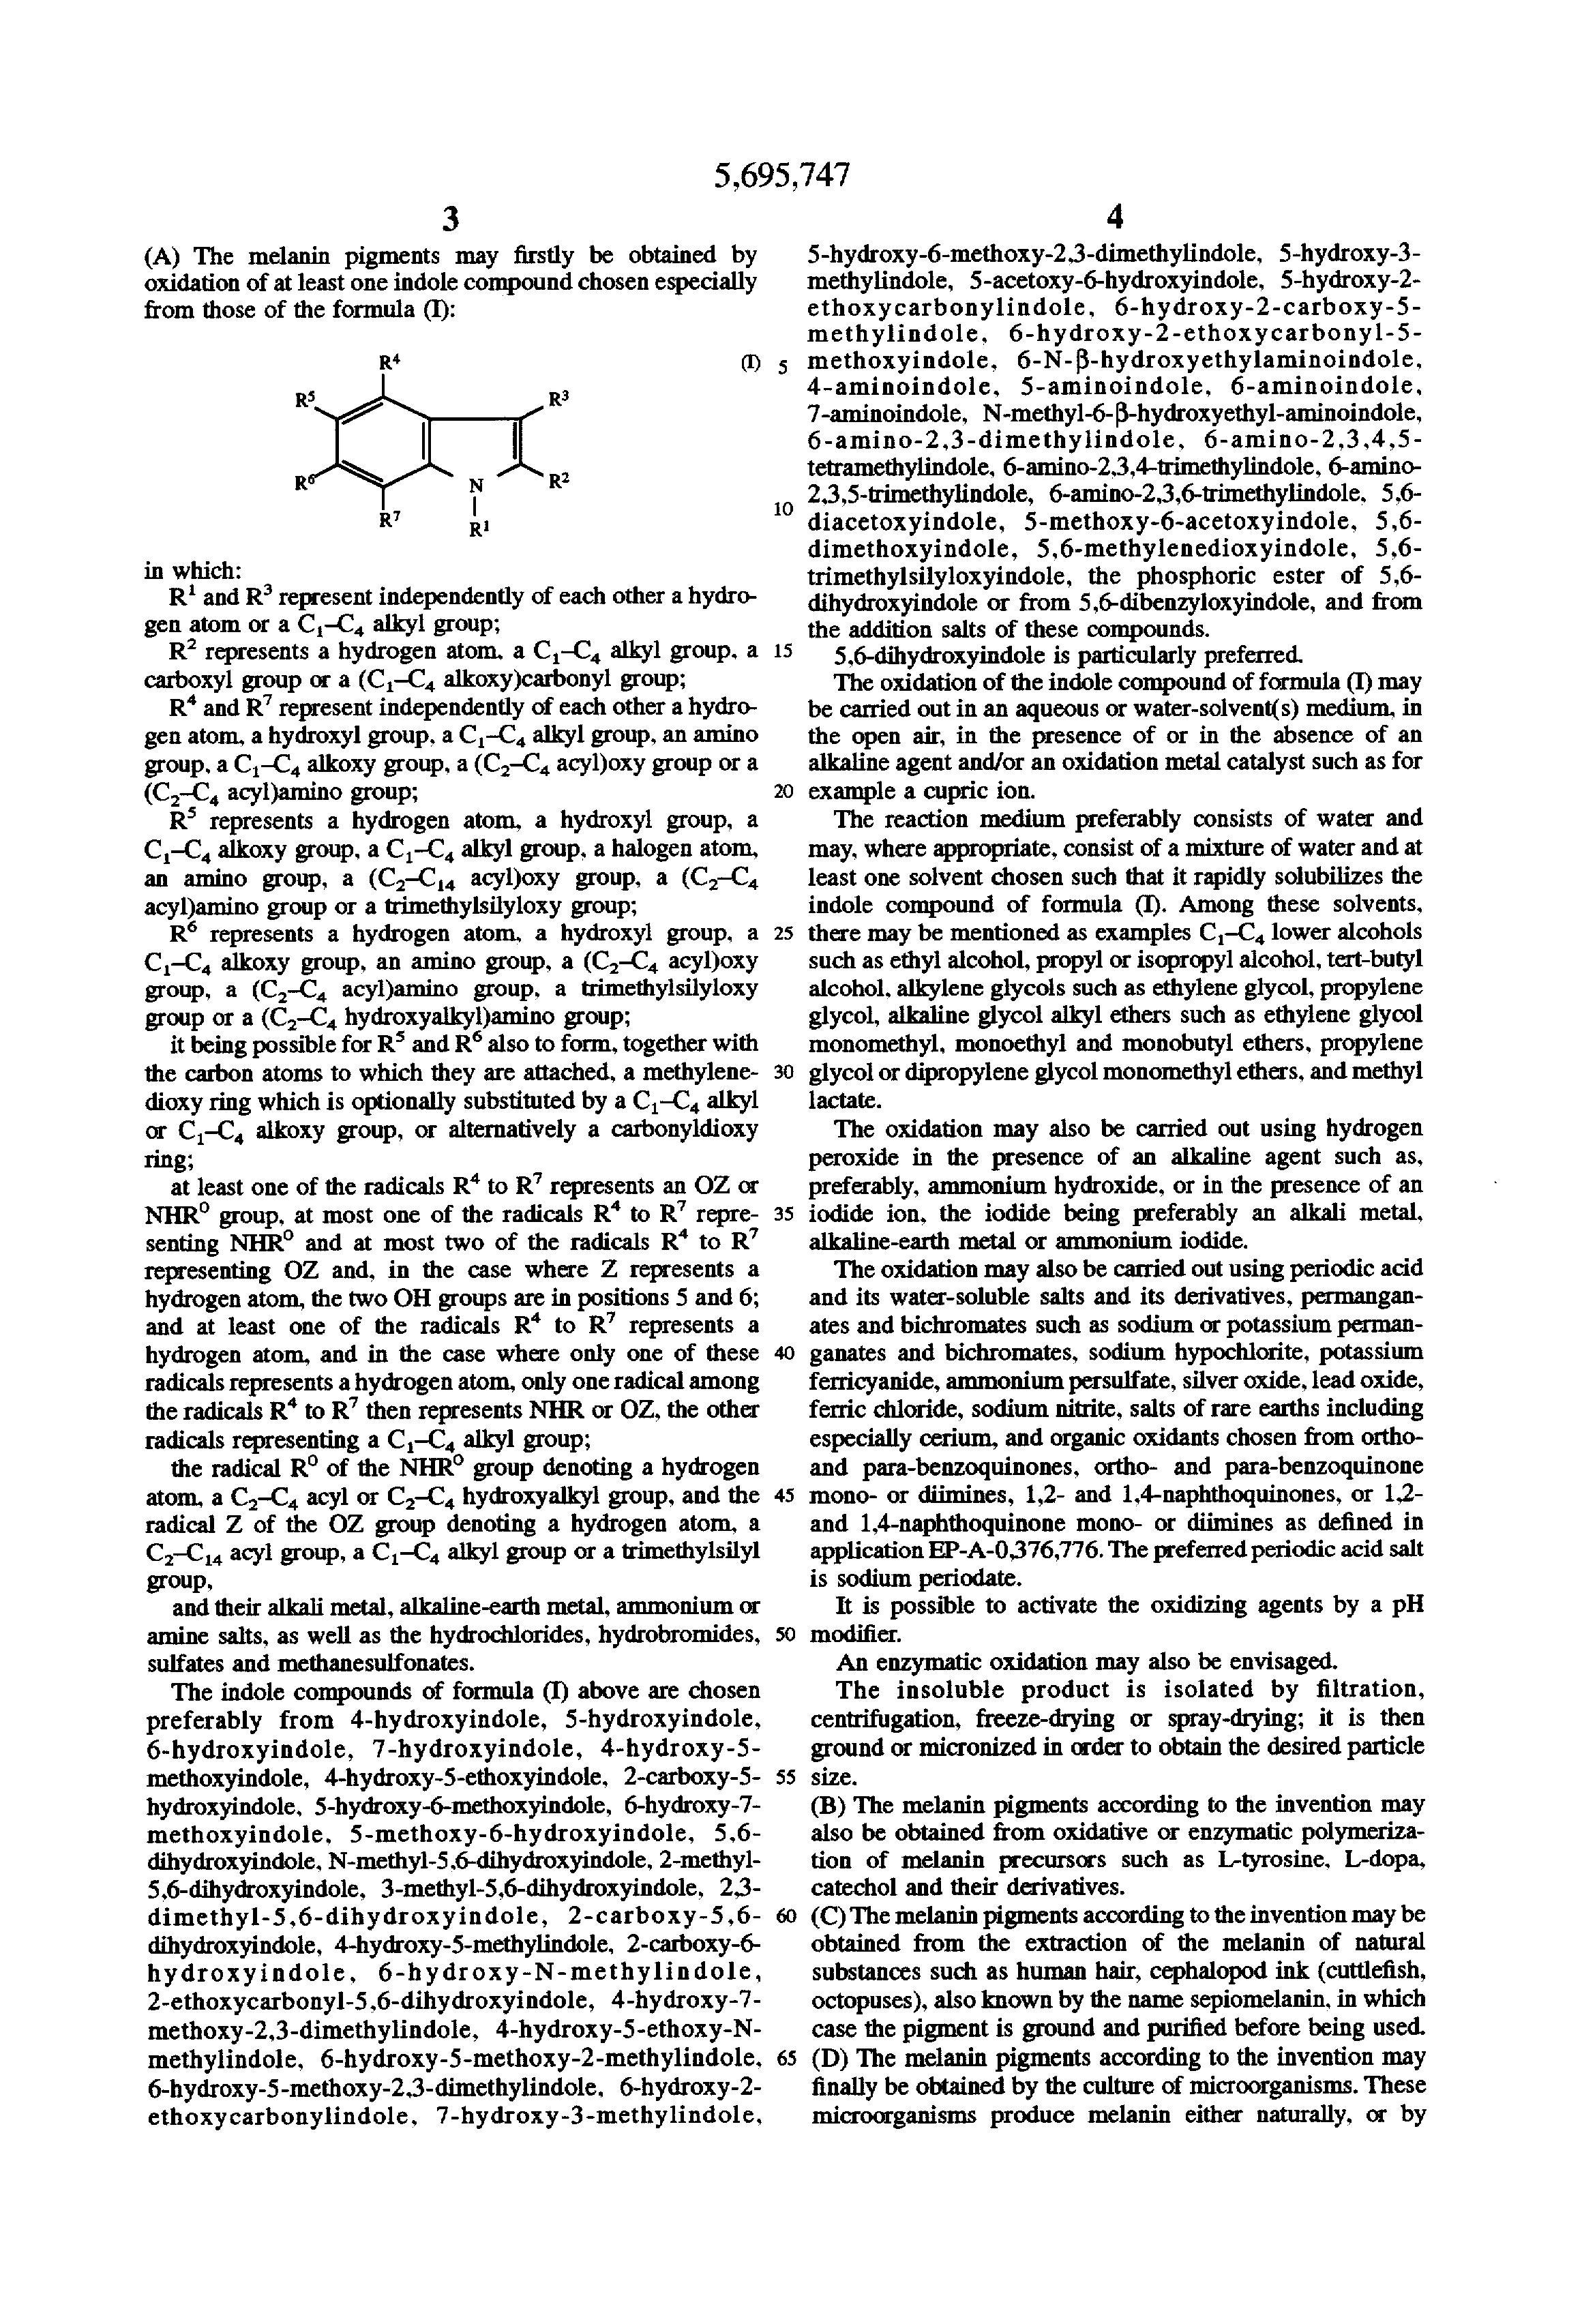 book der einfluß von hochfrequenzüberlagerungen bei stoßspannungen auf das durchschlagverhalten von luft unter atmosphärendruck bei verschiedenen elektrodenanordnungen 1967